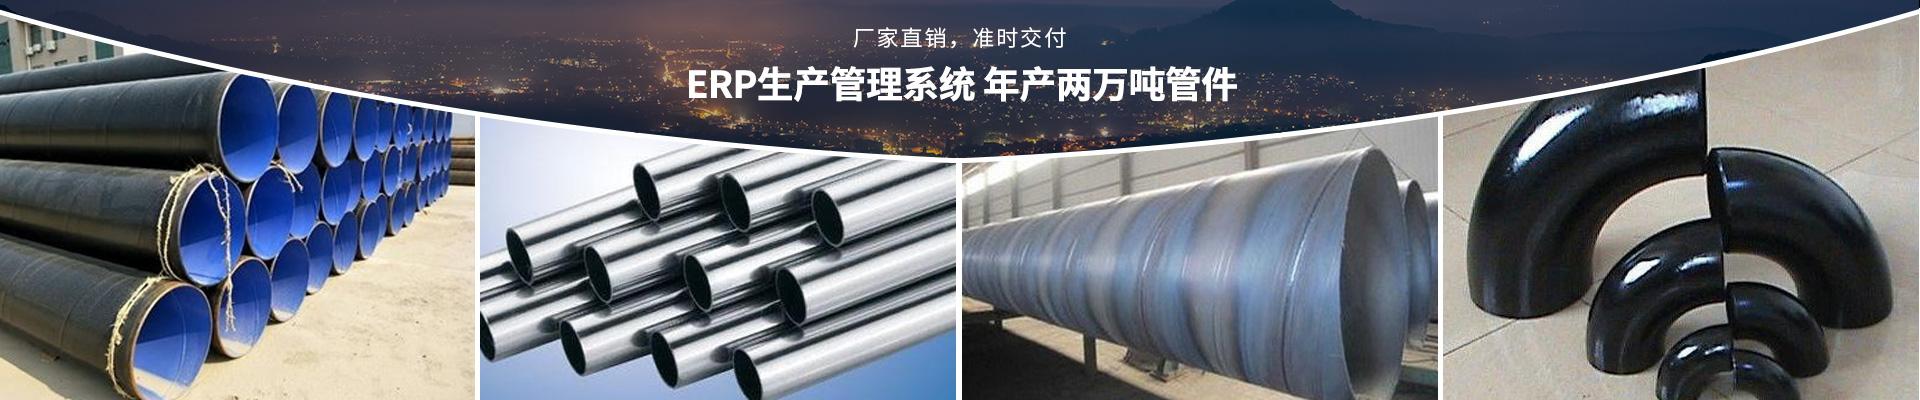 钢宇ERP生产管理系统年产两万吨管件 厂家直销 准时交付